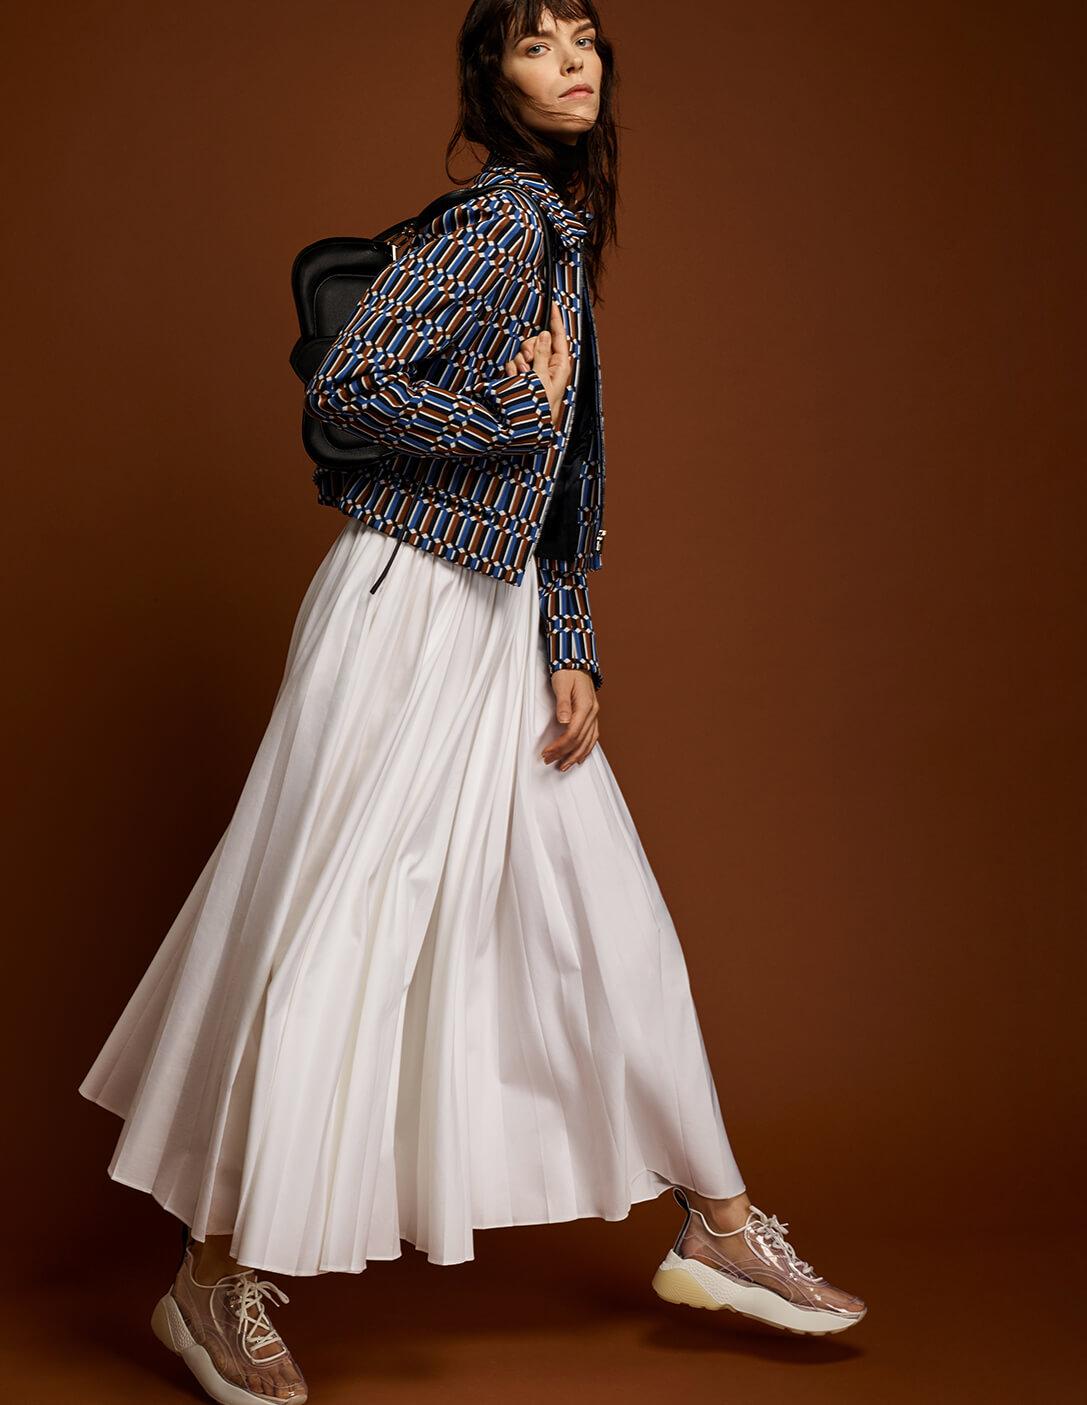 Prada model with white skirt